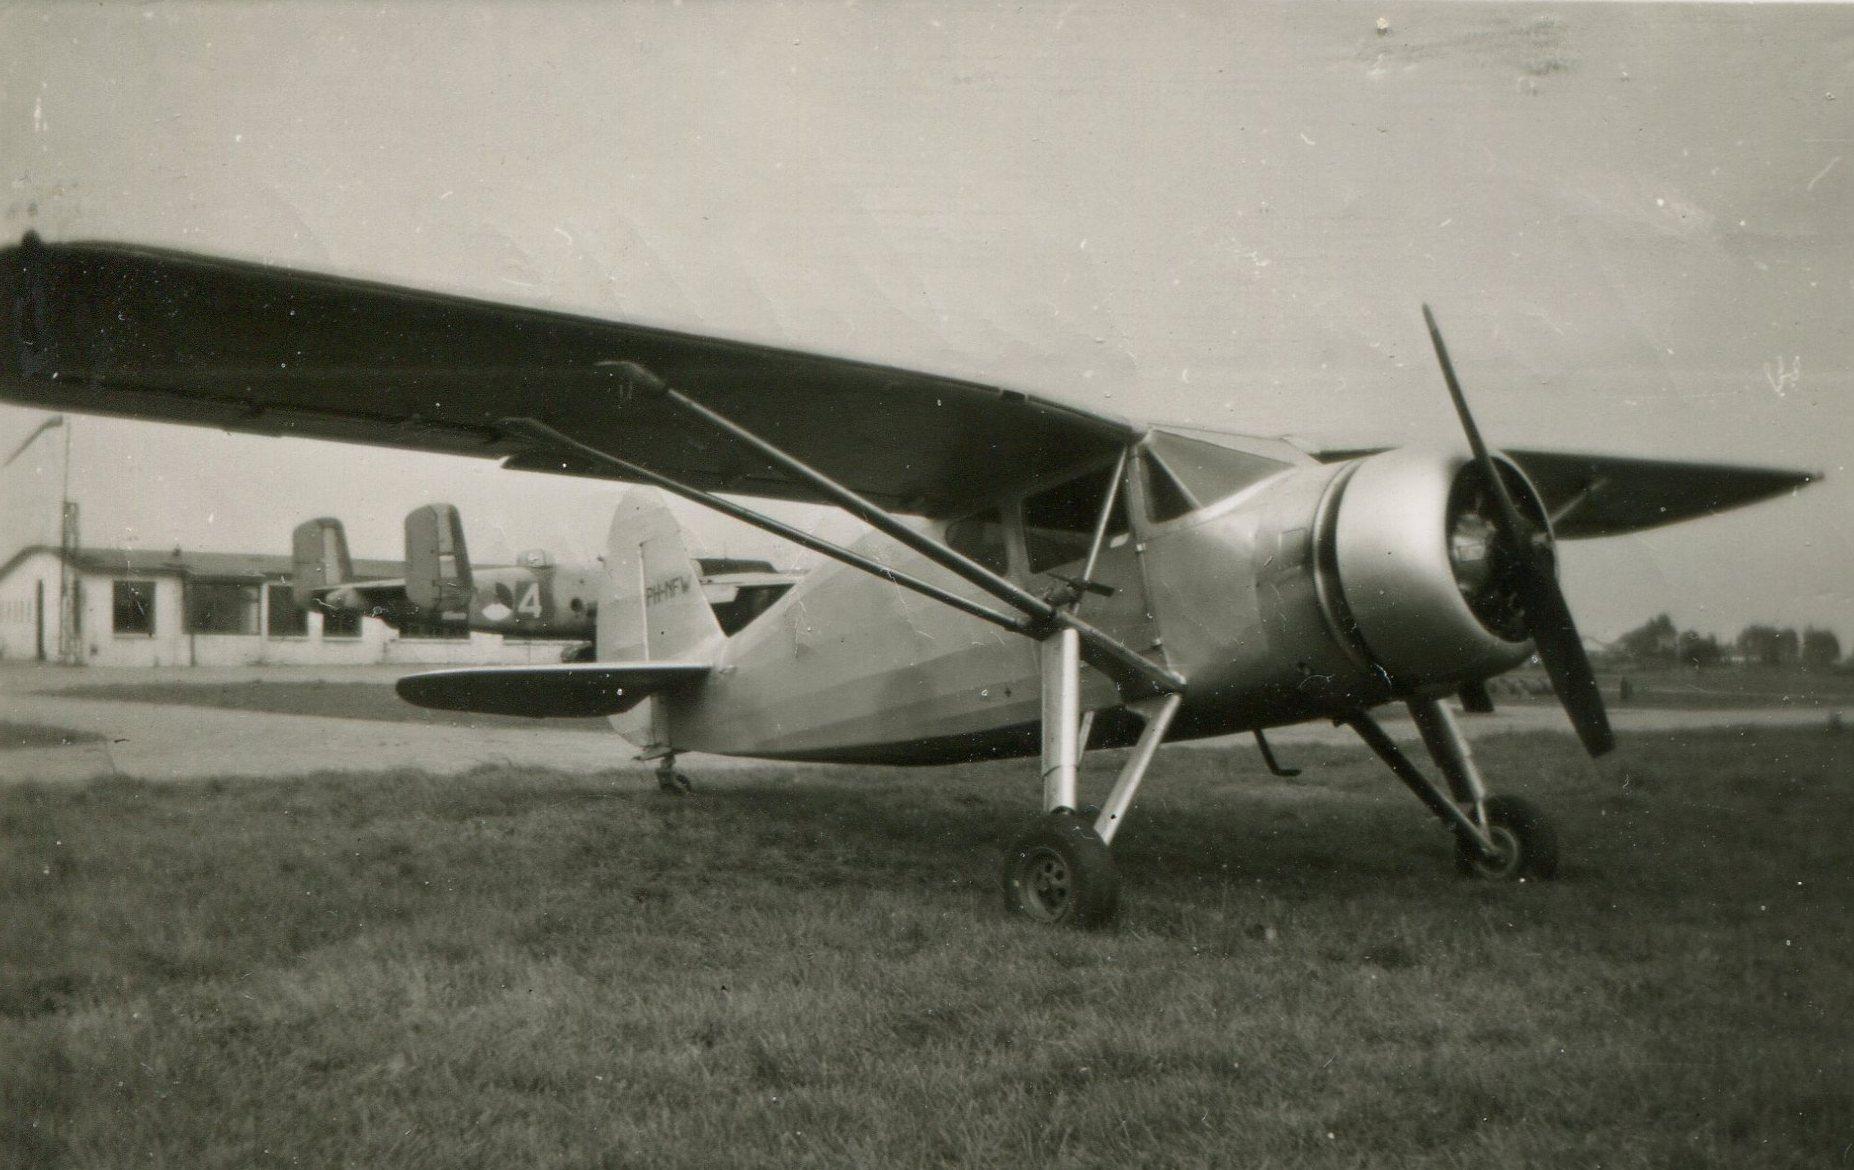 Naam: Fairchild UC-61 (24W-41) Argus 1 (met stermotor) 1953.jpg Bekeken: 604 Grootte: 292,9 KB